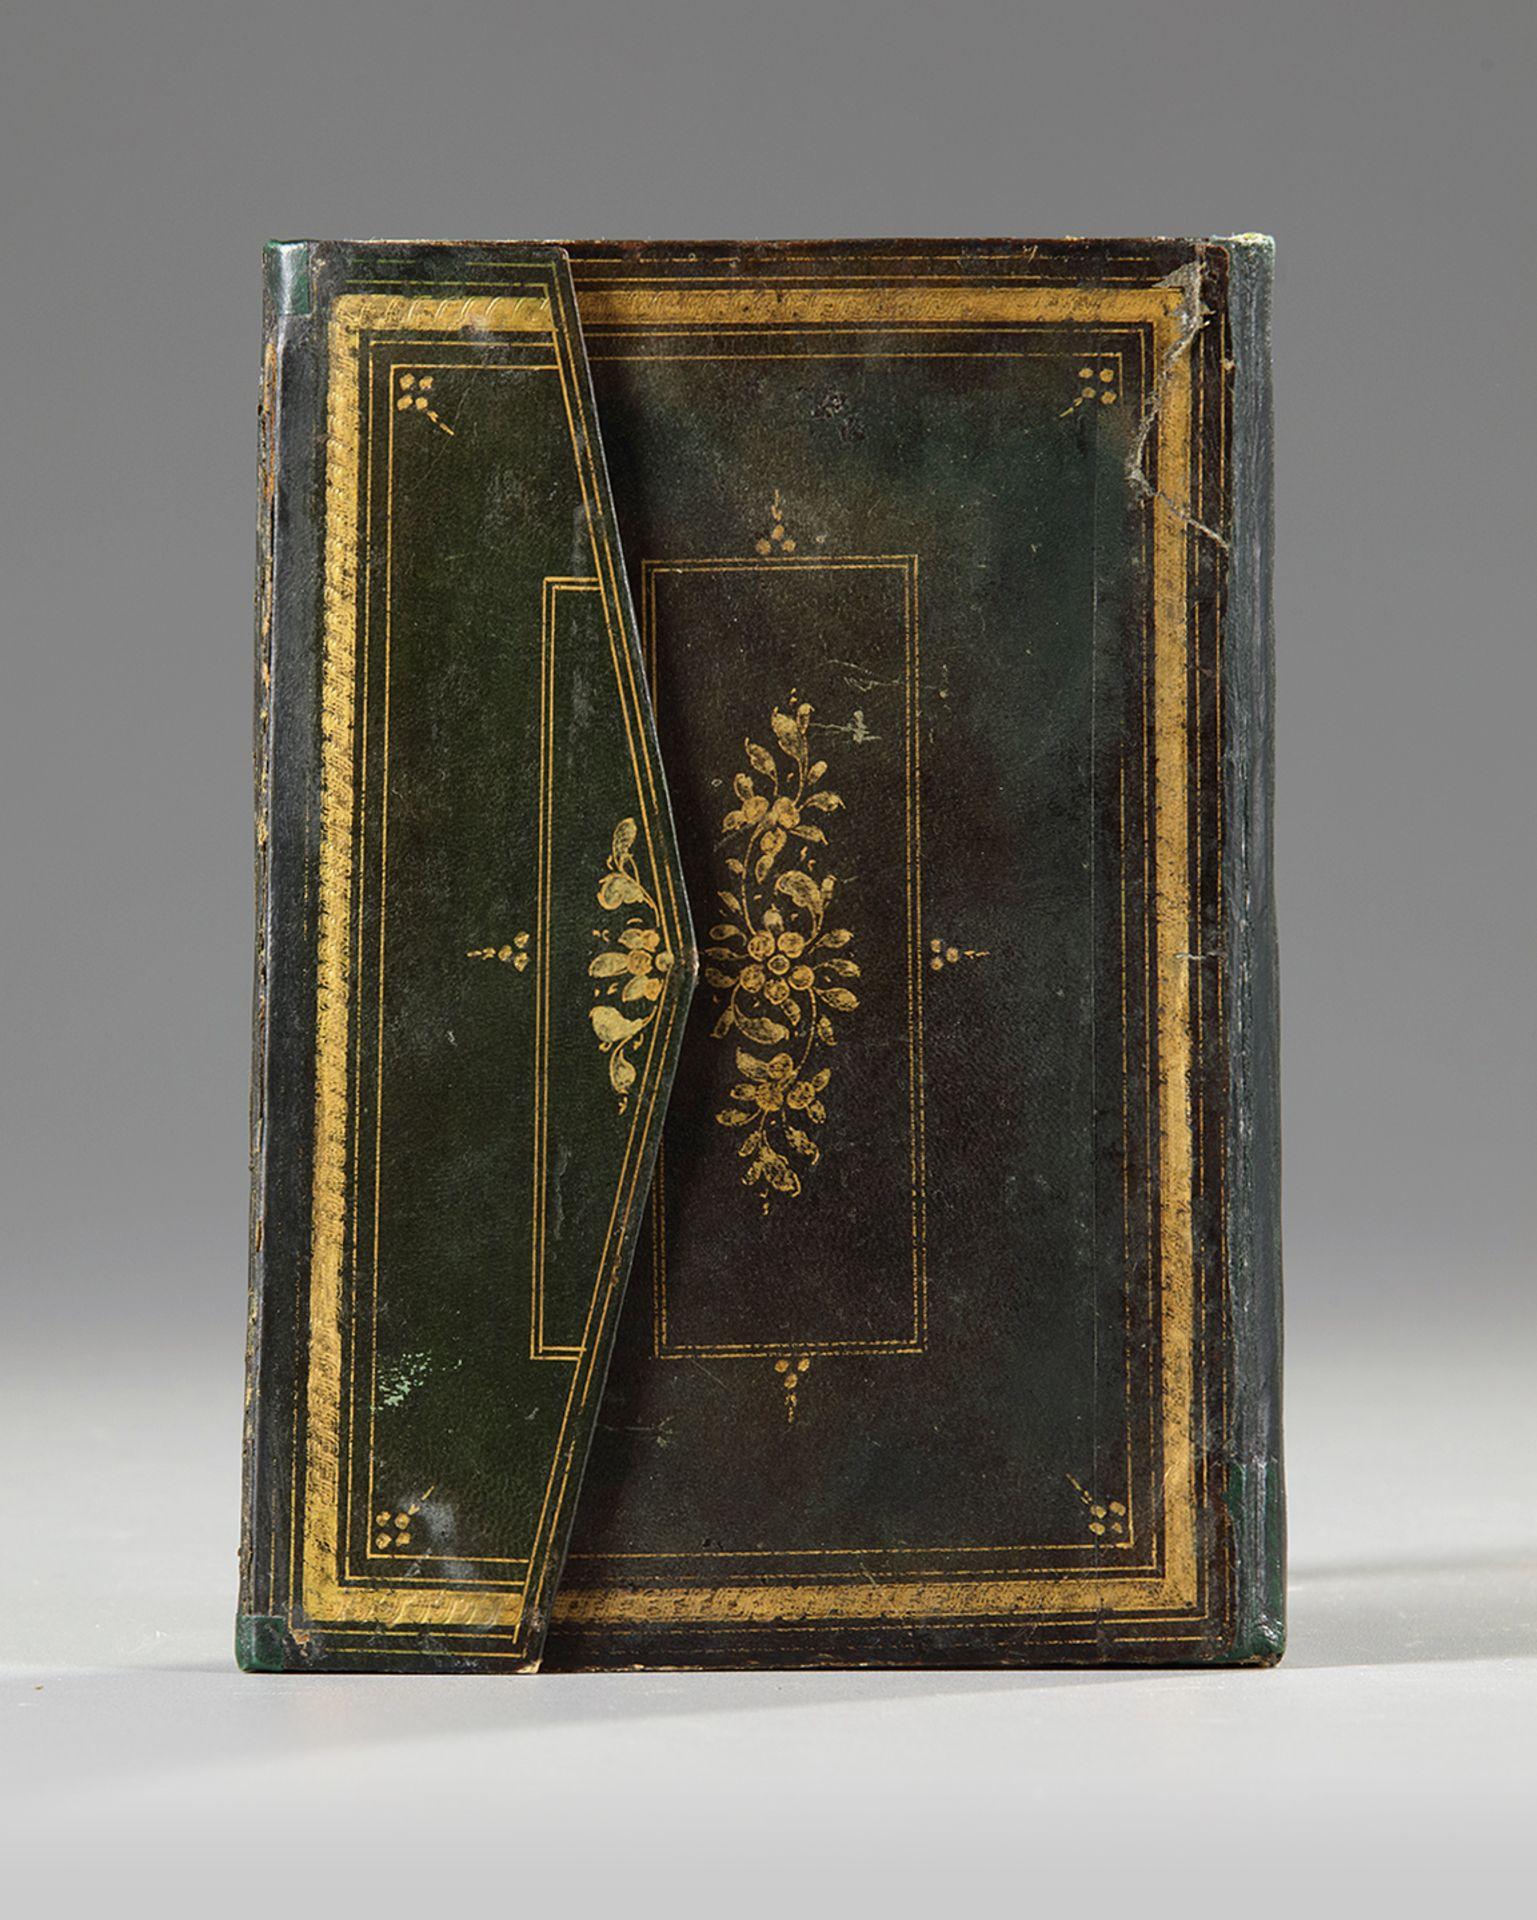 An Ottoman gilt decorated Quran - Bild 3 aus 3